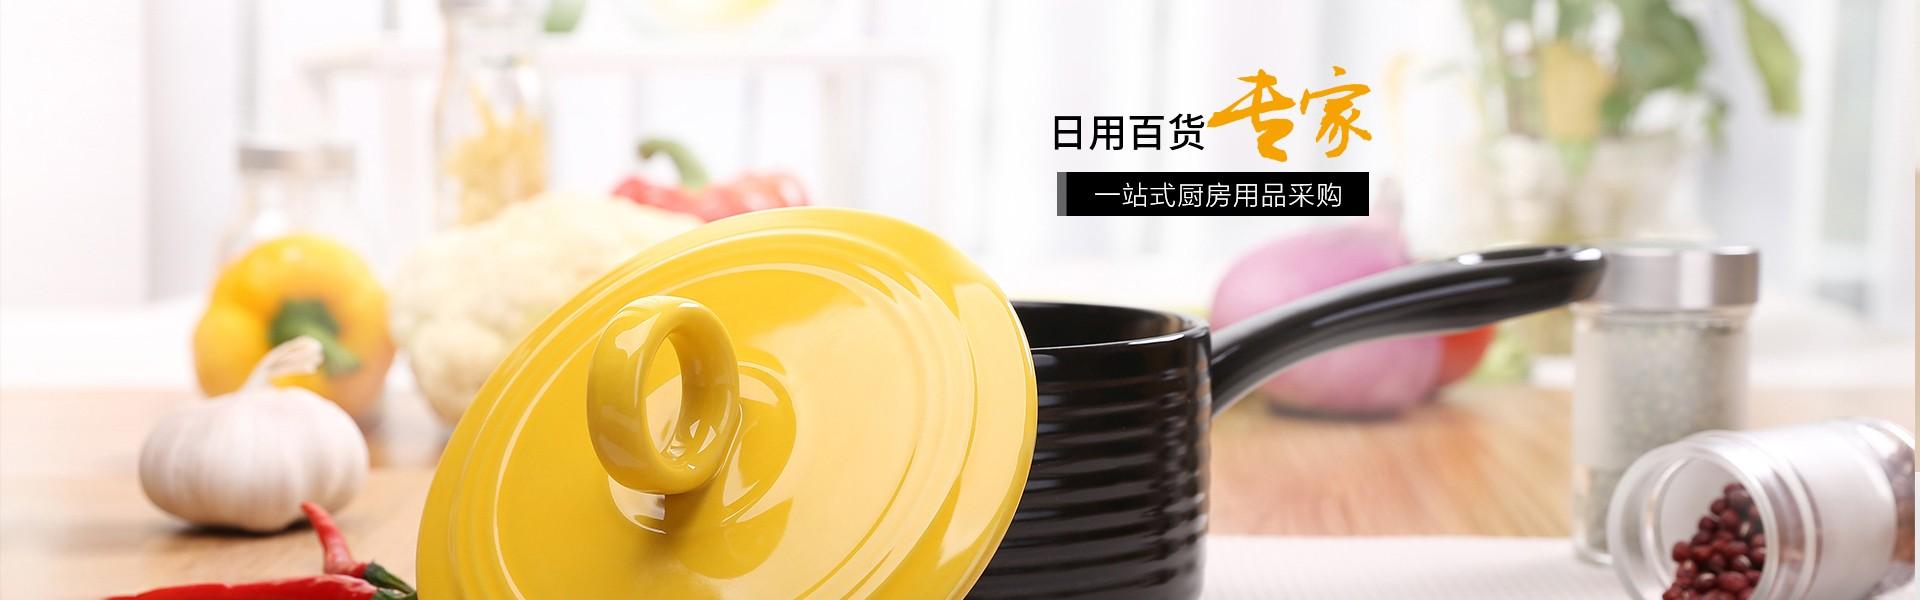 广西某某厨房用品有限公司